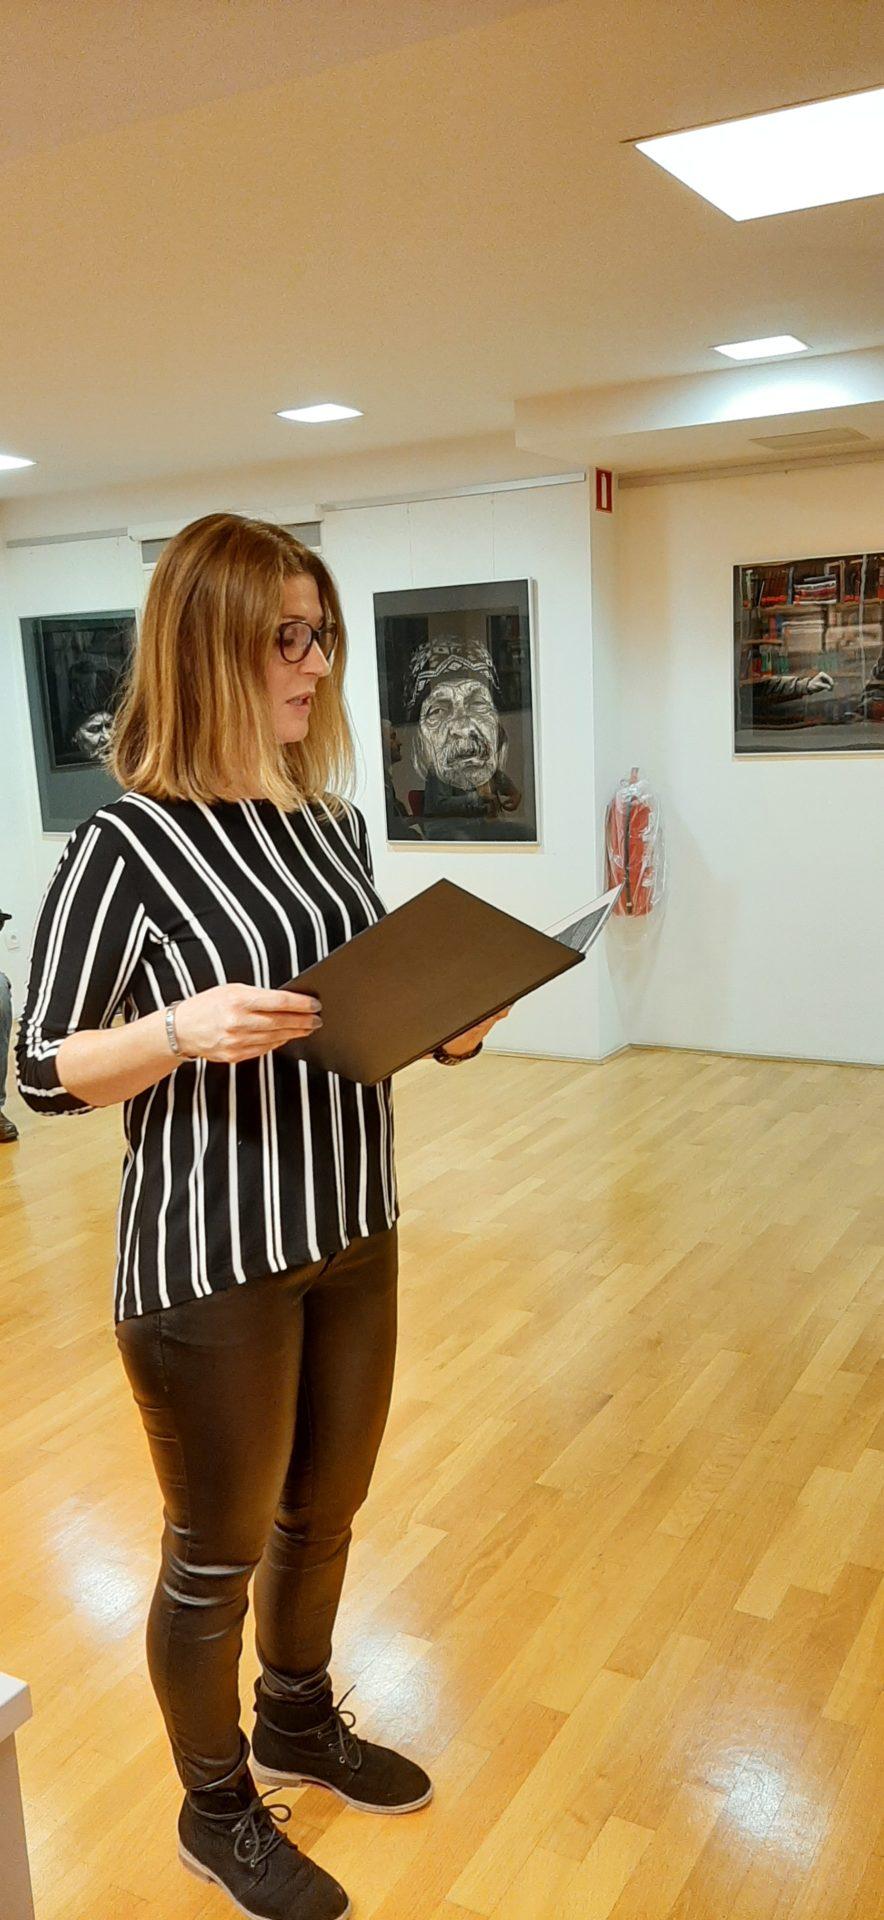 20191111 181021 - Rado Krasnik - Na temni strani ulice: odprtje razstave fotografij